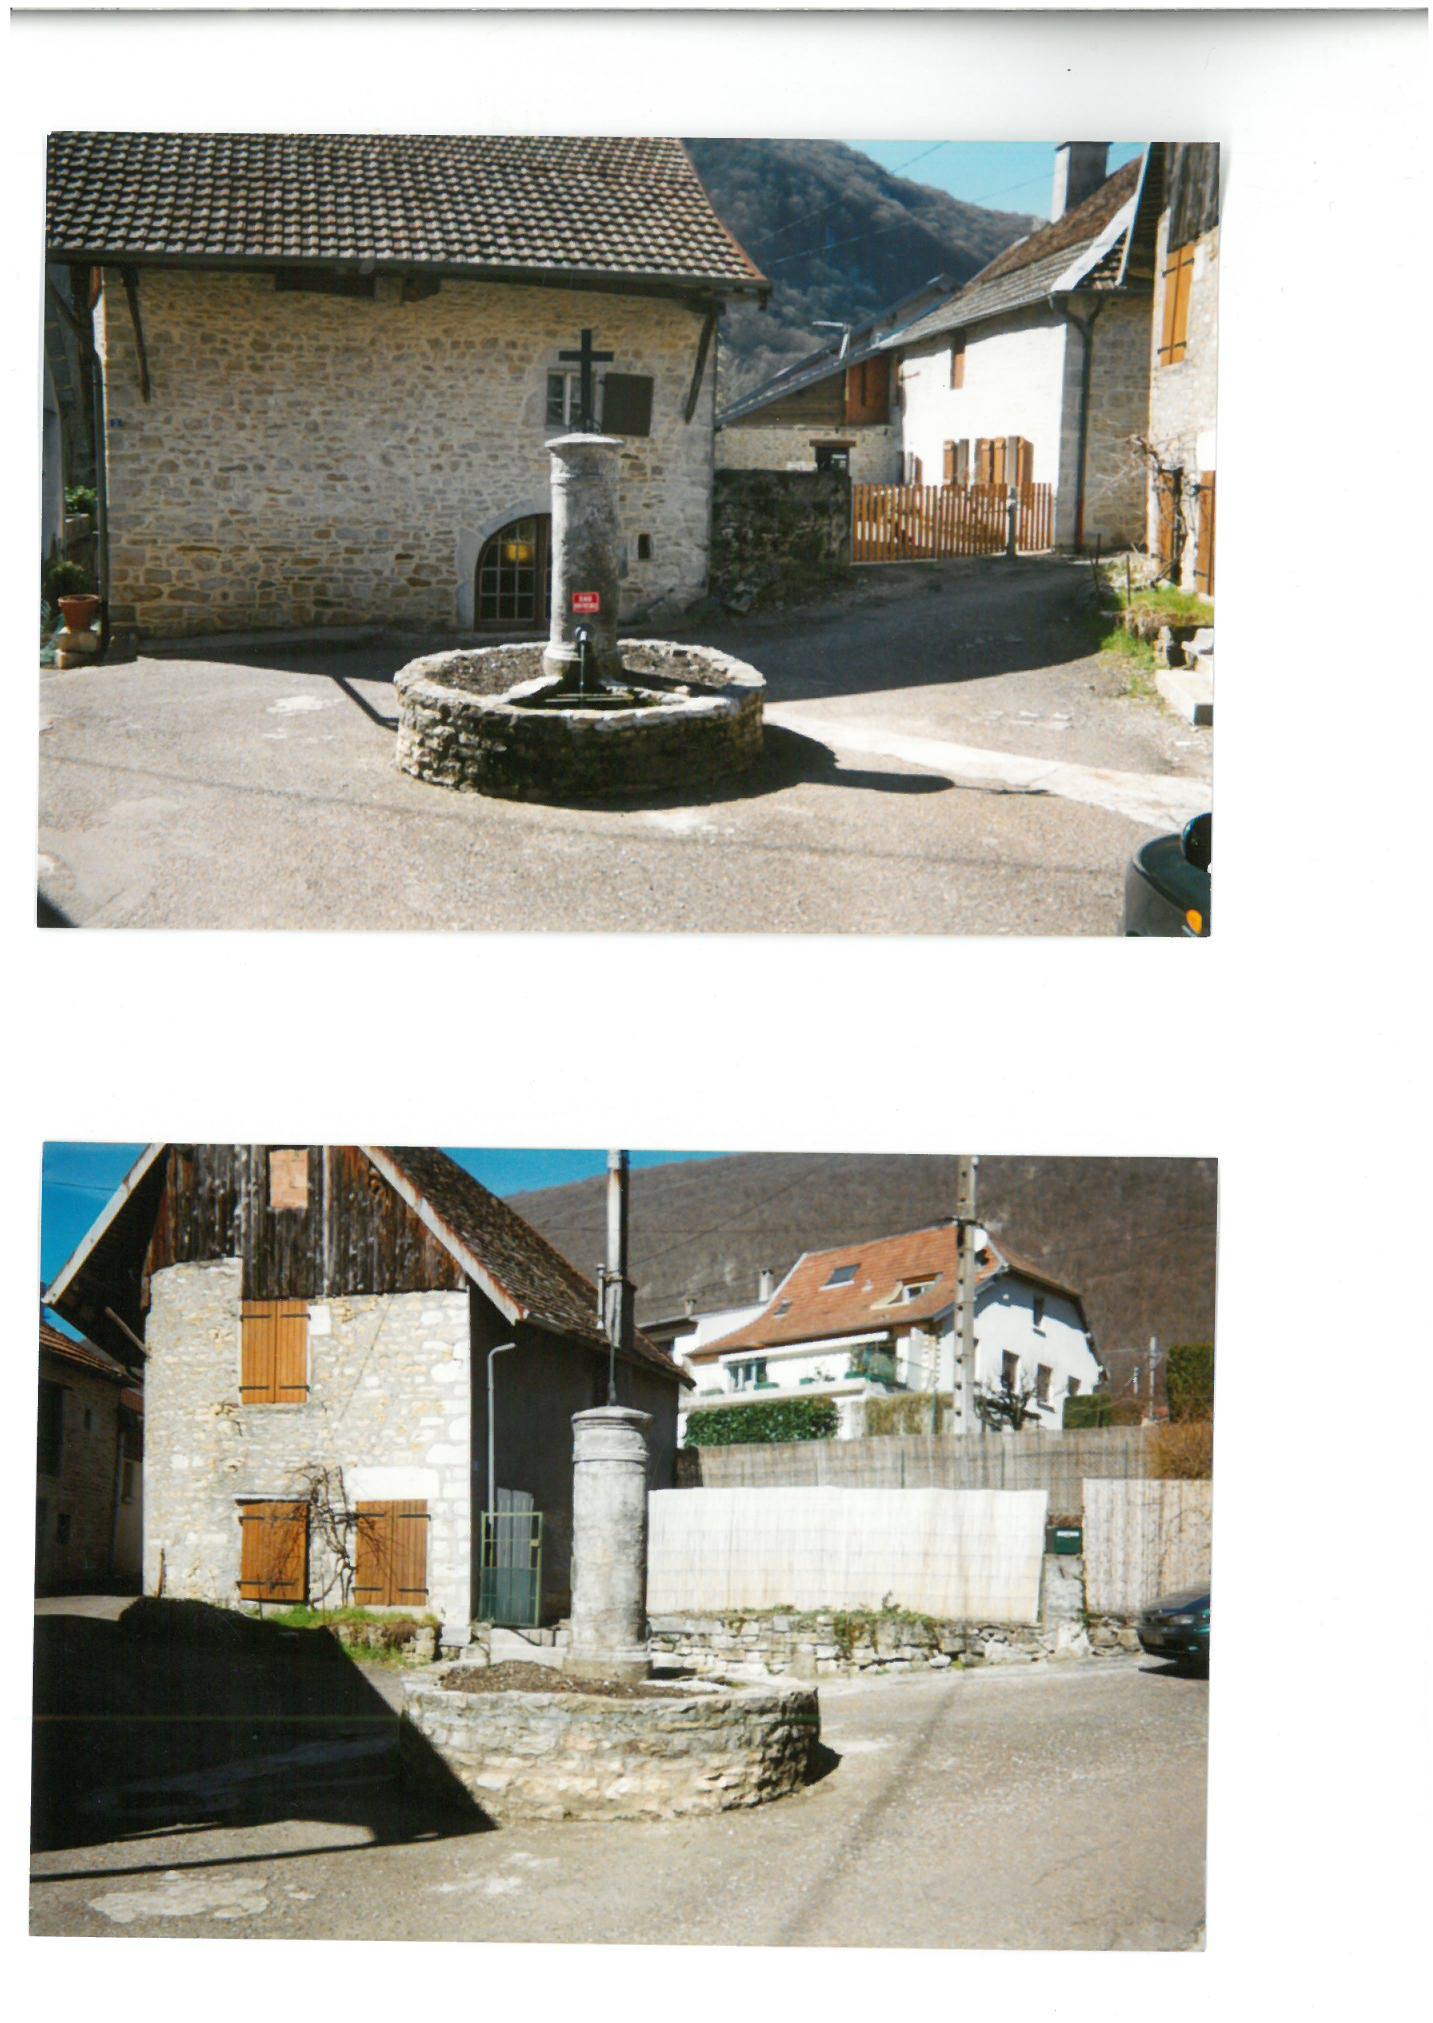 fontaine-photos-avant-travaux-2006